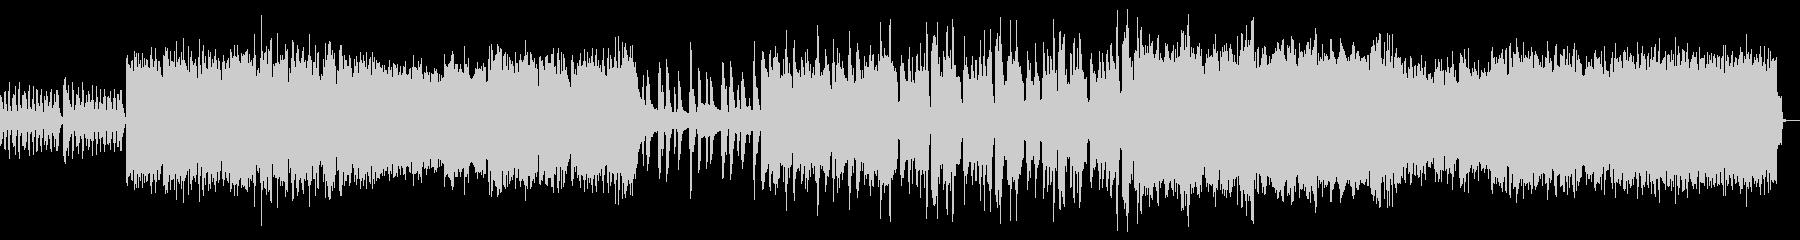 ストリングスのハードロックなバンドBGMの未再生の波形